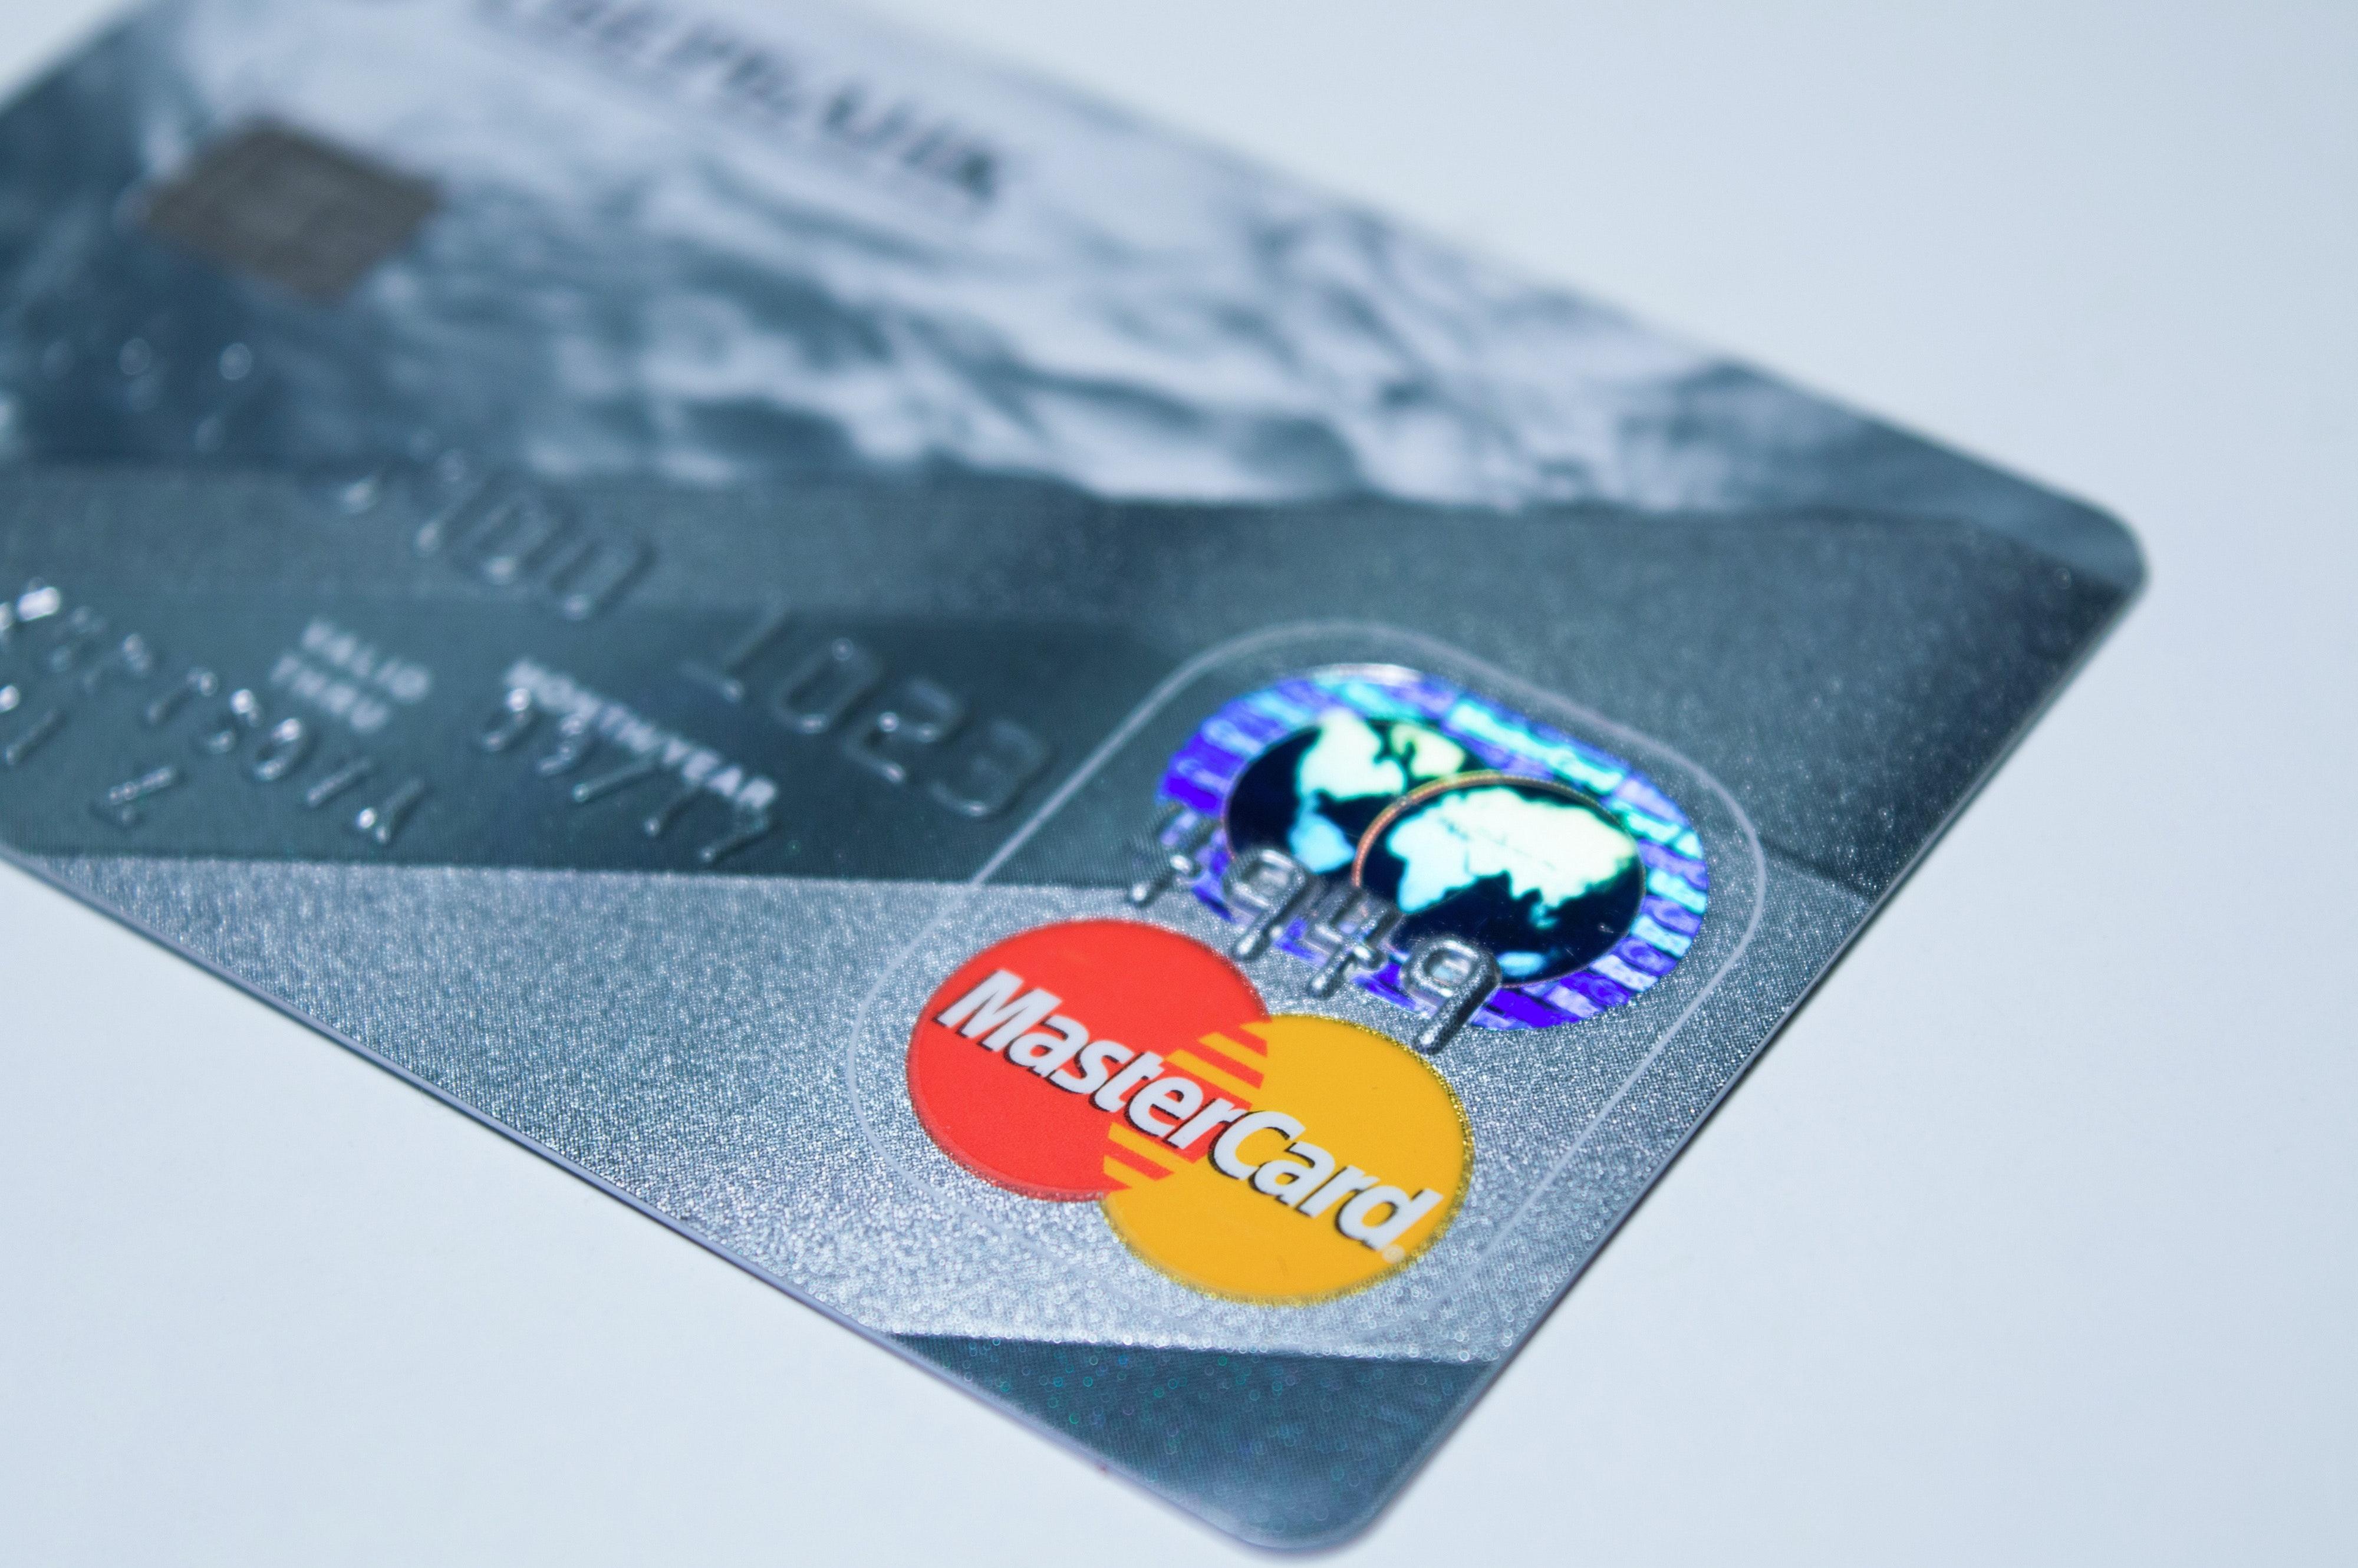 ¿Qué bancos son de MasterCard?